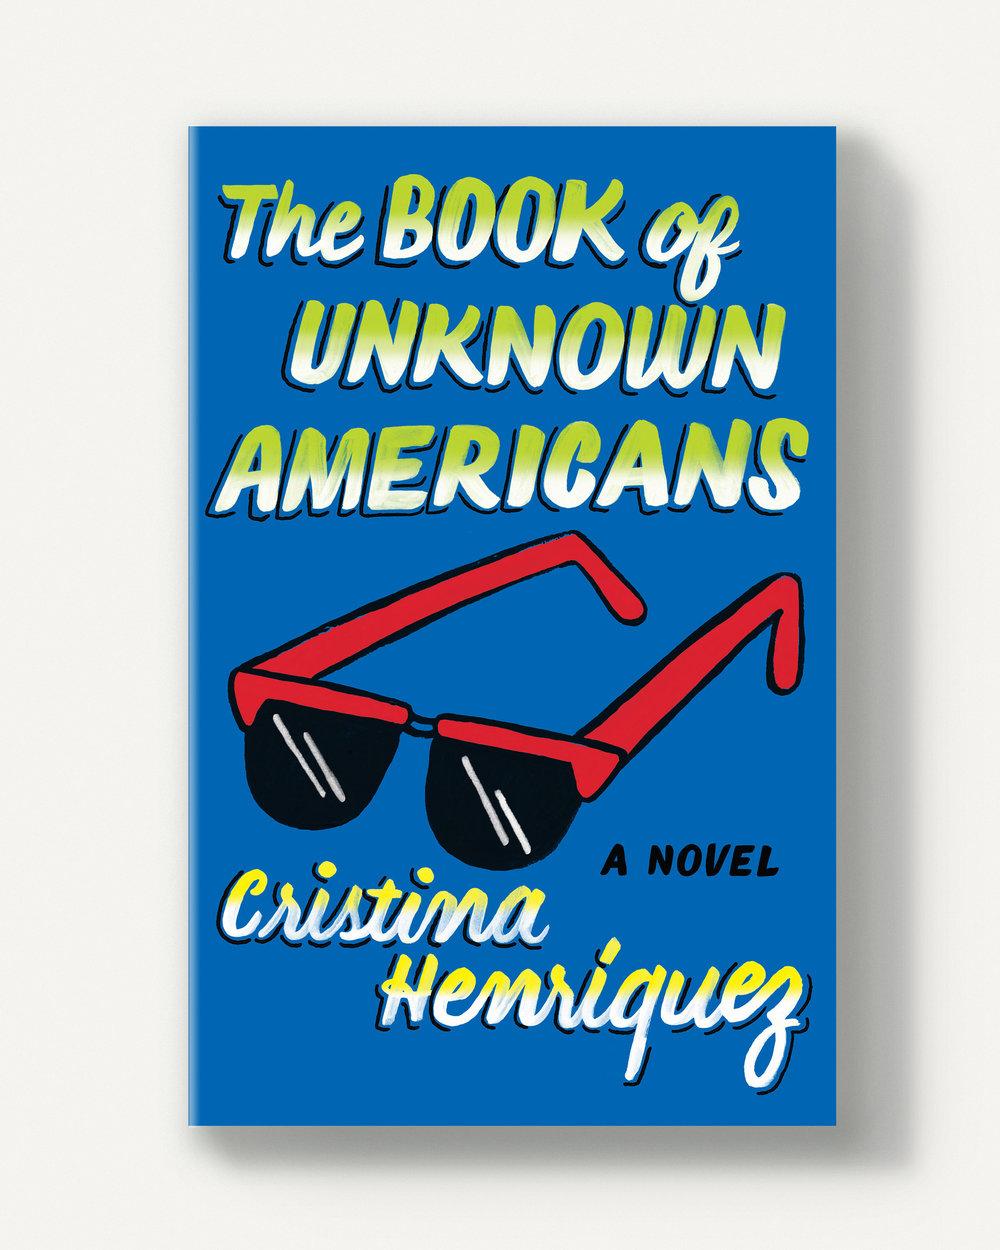 TheBookofUnknownAmericans02.jpg